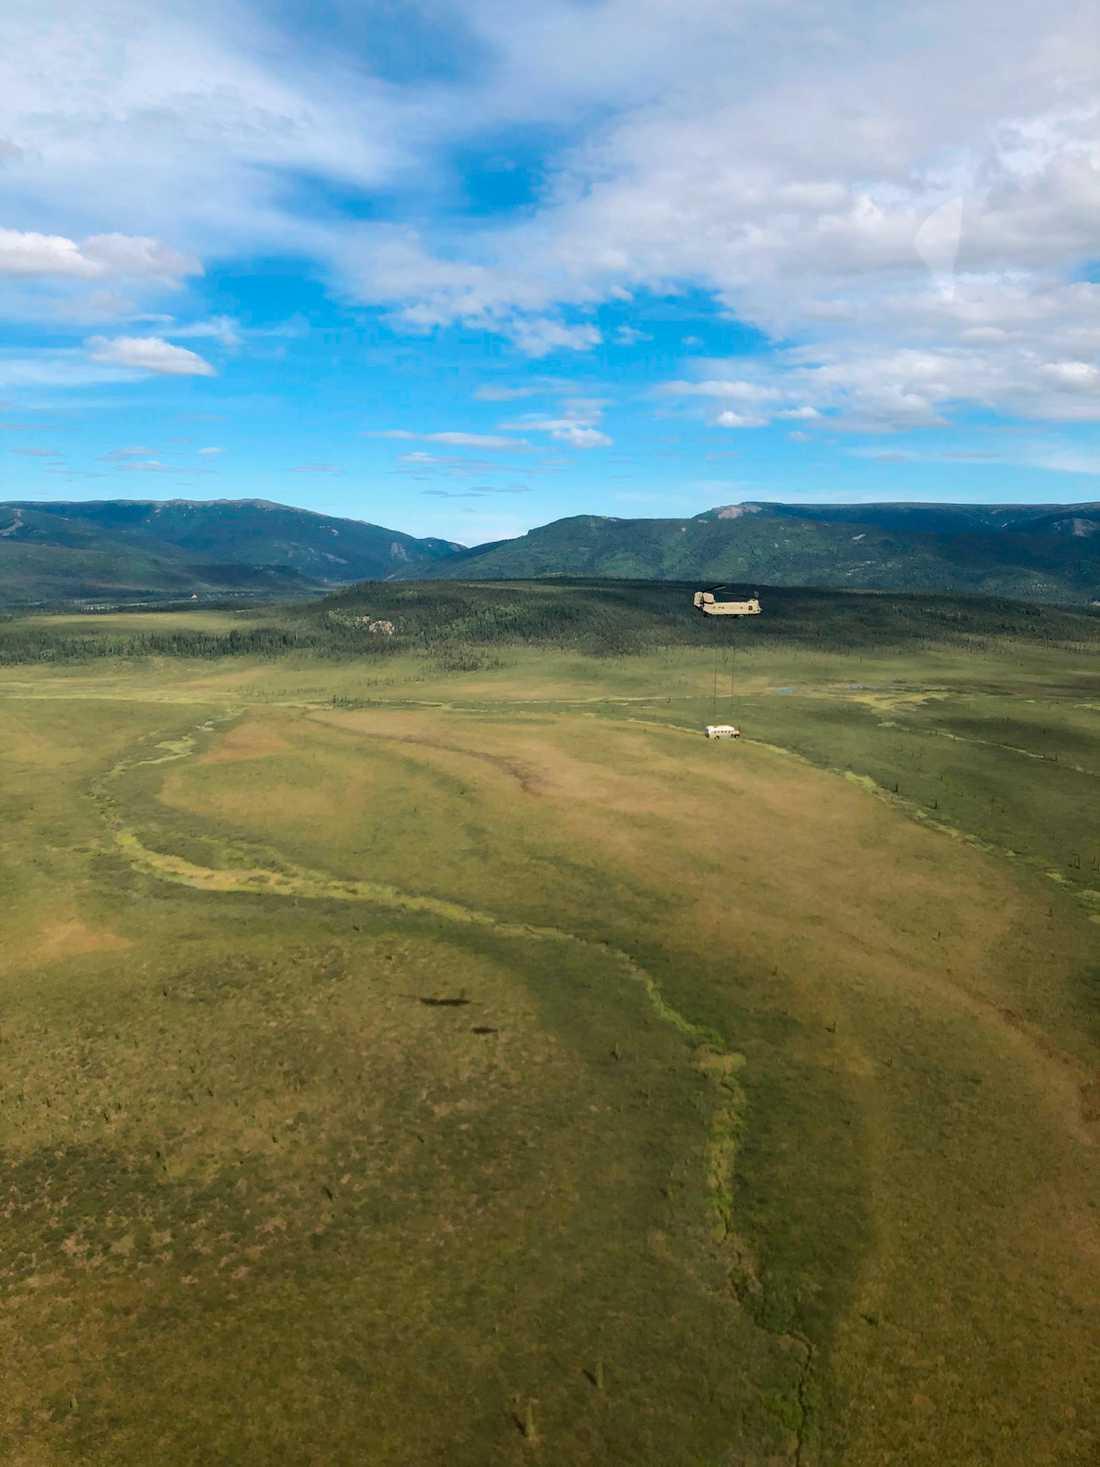 Turister har i flera år vallfärdat till bussen. När den nu lämnat sin plats i Alaskas vildmark kan den i stället komma att ställas ut.